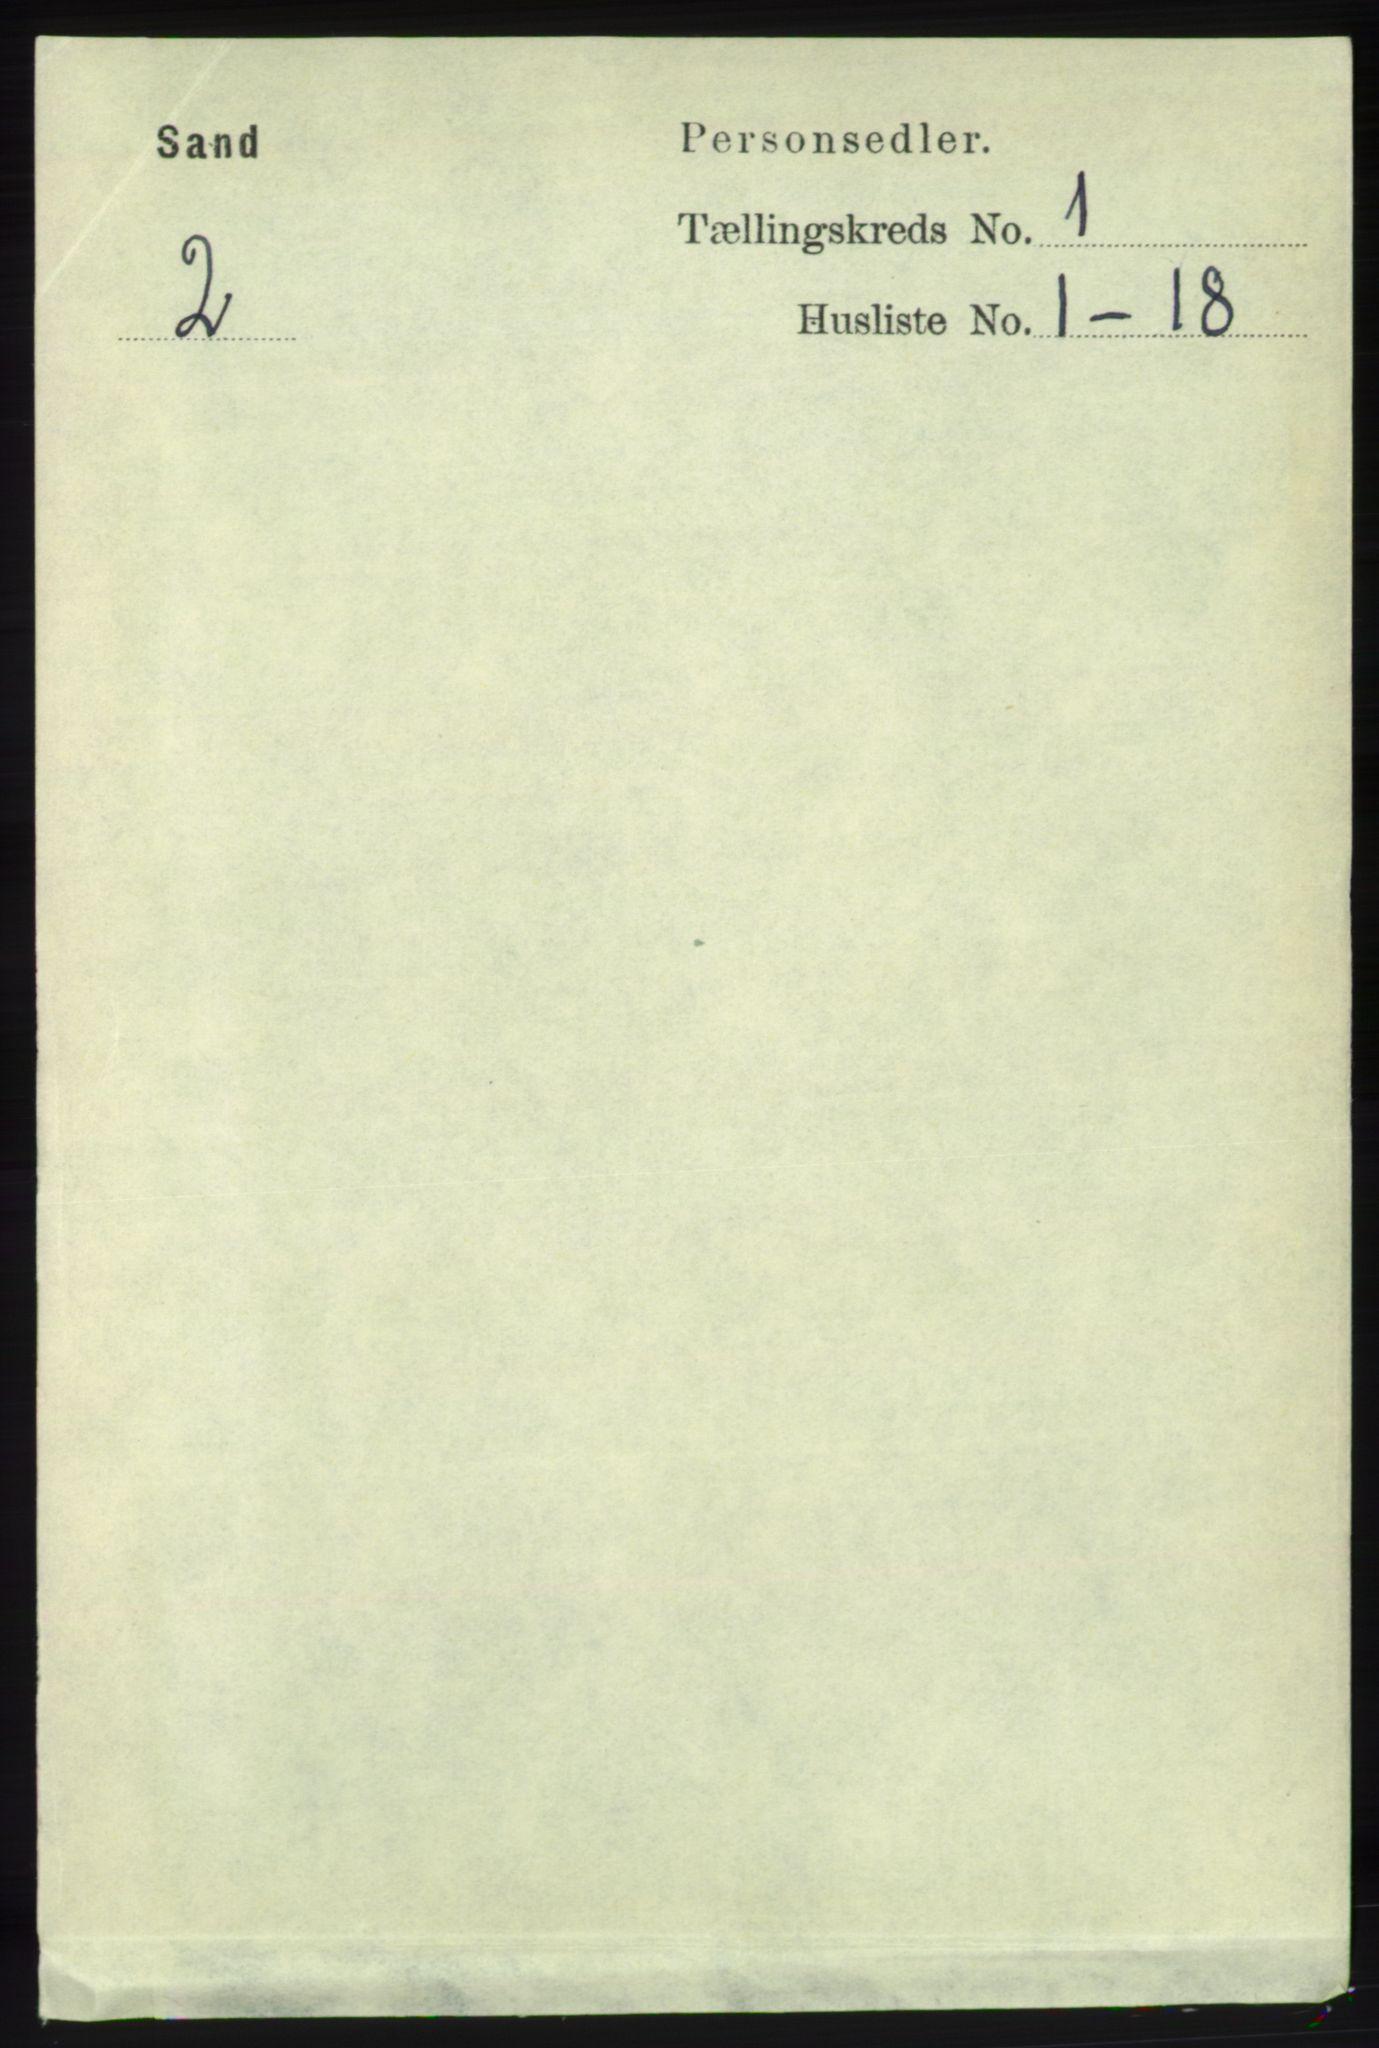 RA, Folketelling 1891 for 1136 Sand herred, 1891, s. 60